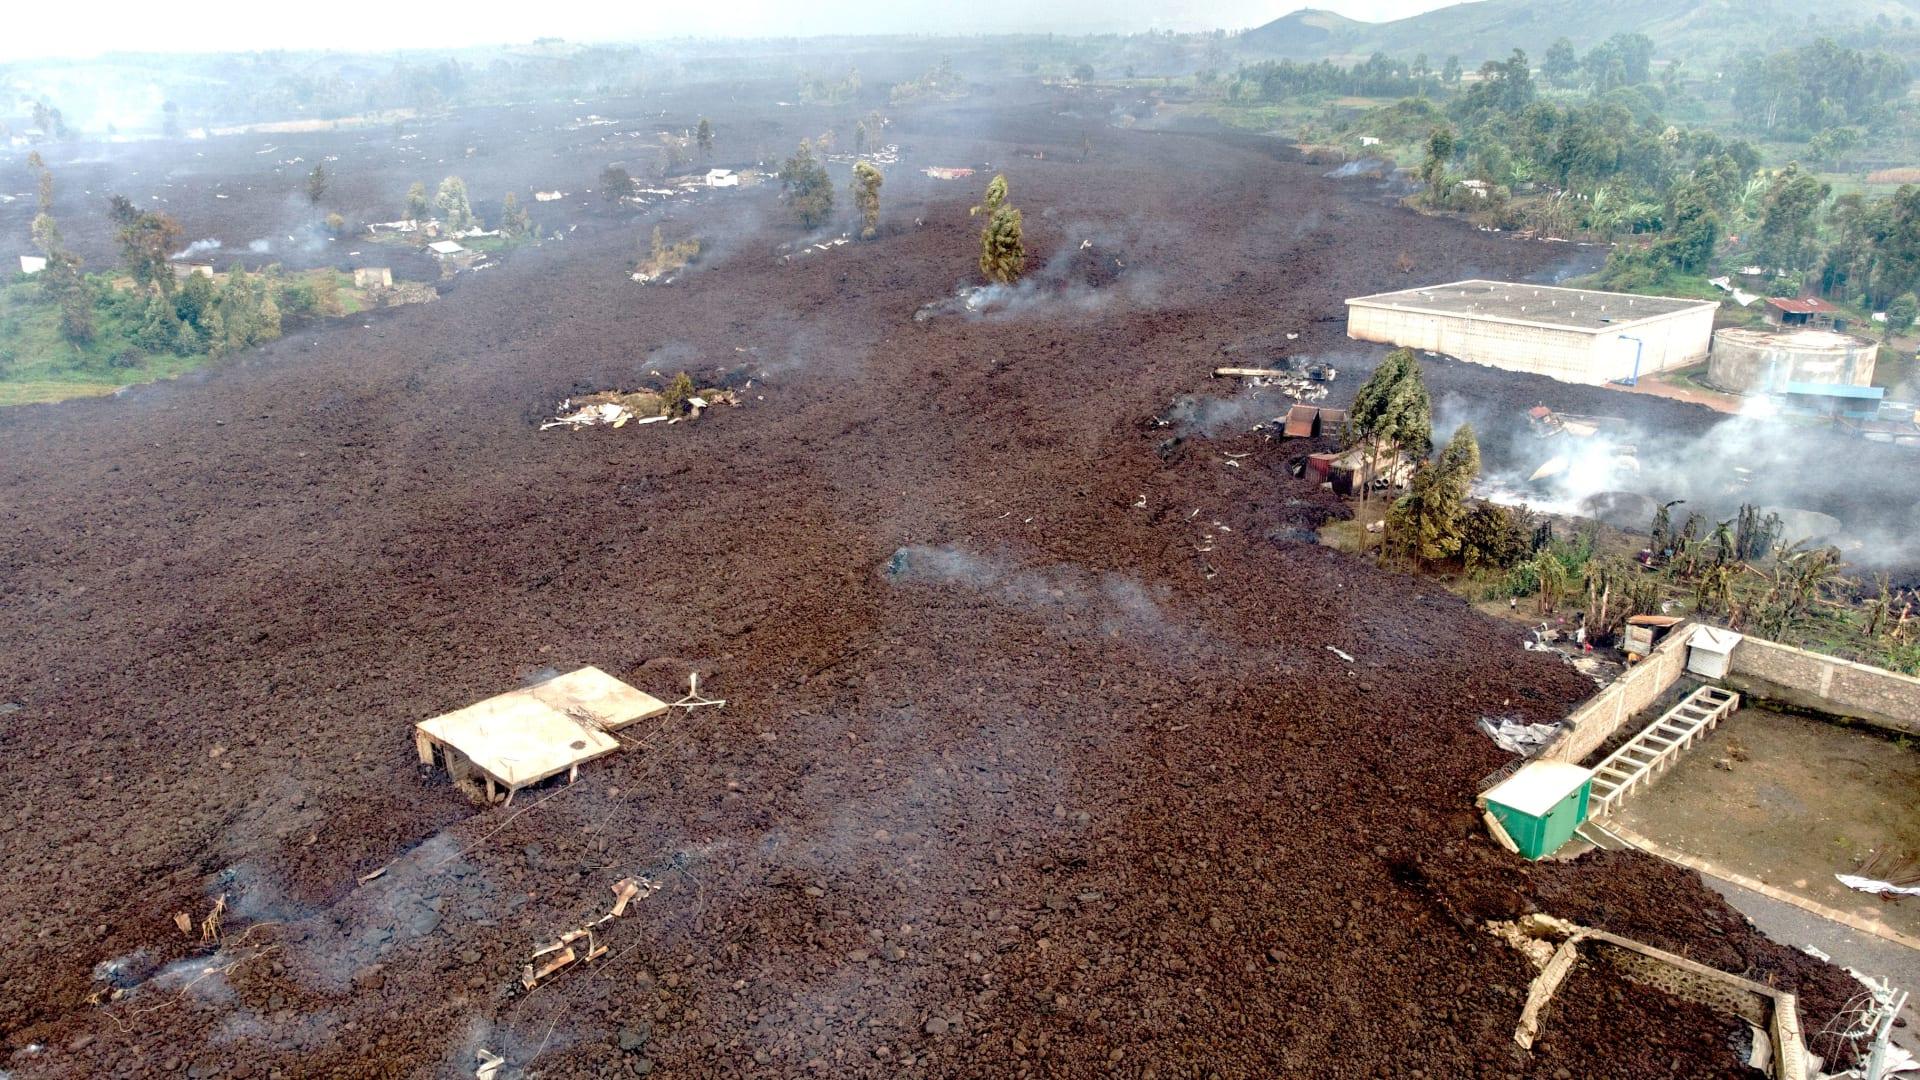 حلقت فوق بحر من الحمم.. طائرة تخاطر لترصد لقطات مذهلة لبركان غوما في الكونغو